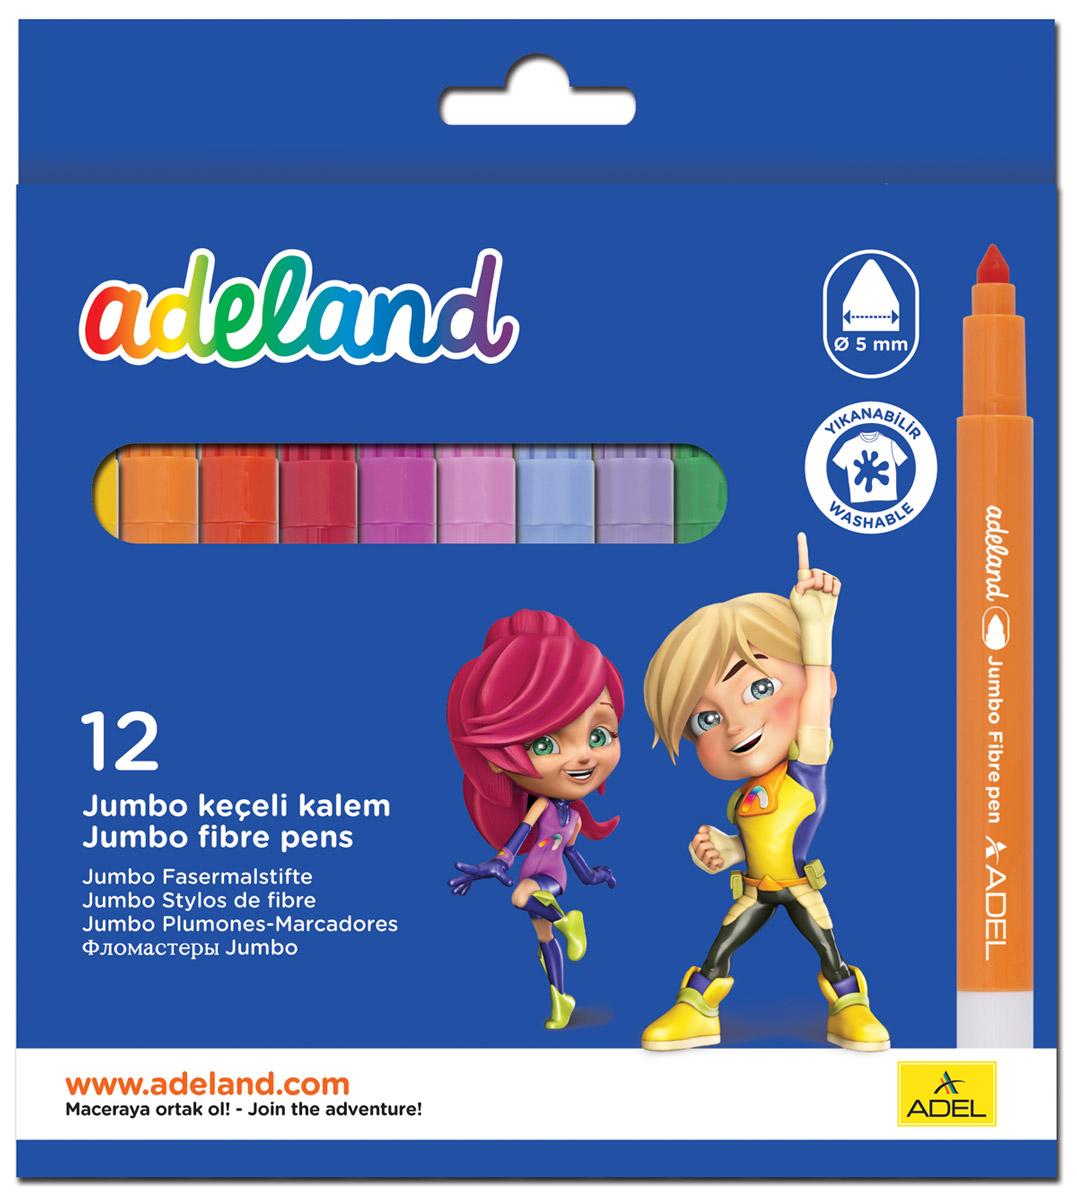 Adel Набор цветных фломастеров Adeland Jumbo 12 шт29022Цветные фломастеры Adel Adeland созданы специально для детей, любящих рисовать. Каждый фломастер оснащен вентилируемым колпачком и заправлен быстро сохнущими чернилами, которые легко смываются со многих текстильных материалов. Они прекрасно подходят для рисования, письма или раскрашивания на бумаге или картоне. Набор состоит из 12 фломастеров.Коробка оформлена изображением героев Adelia и Hiro из турецкого мультфильма Renk Koruyuculari.Не рекомендуется детям до 3-х лет.